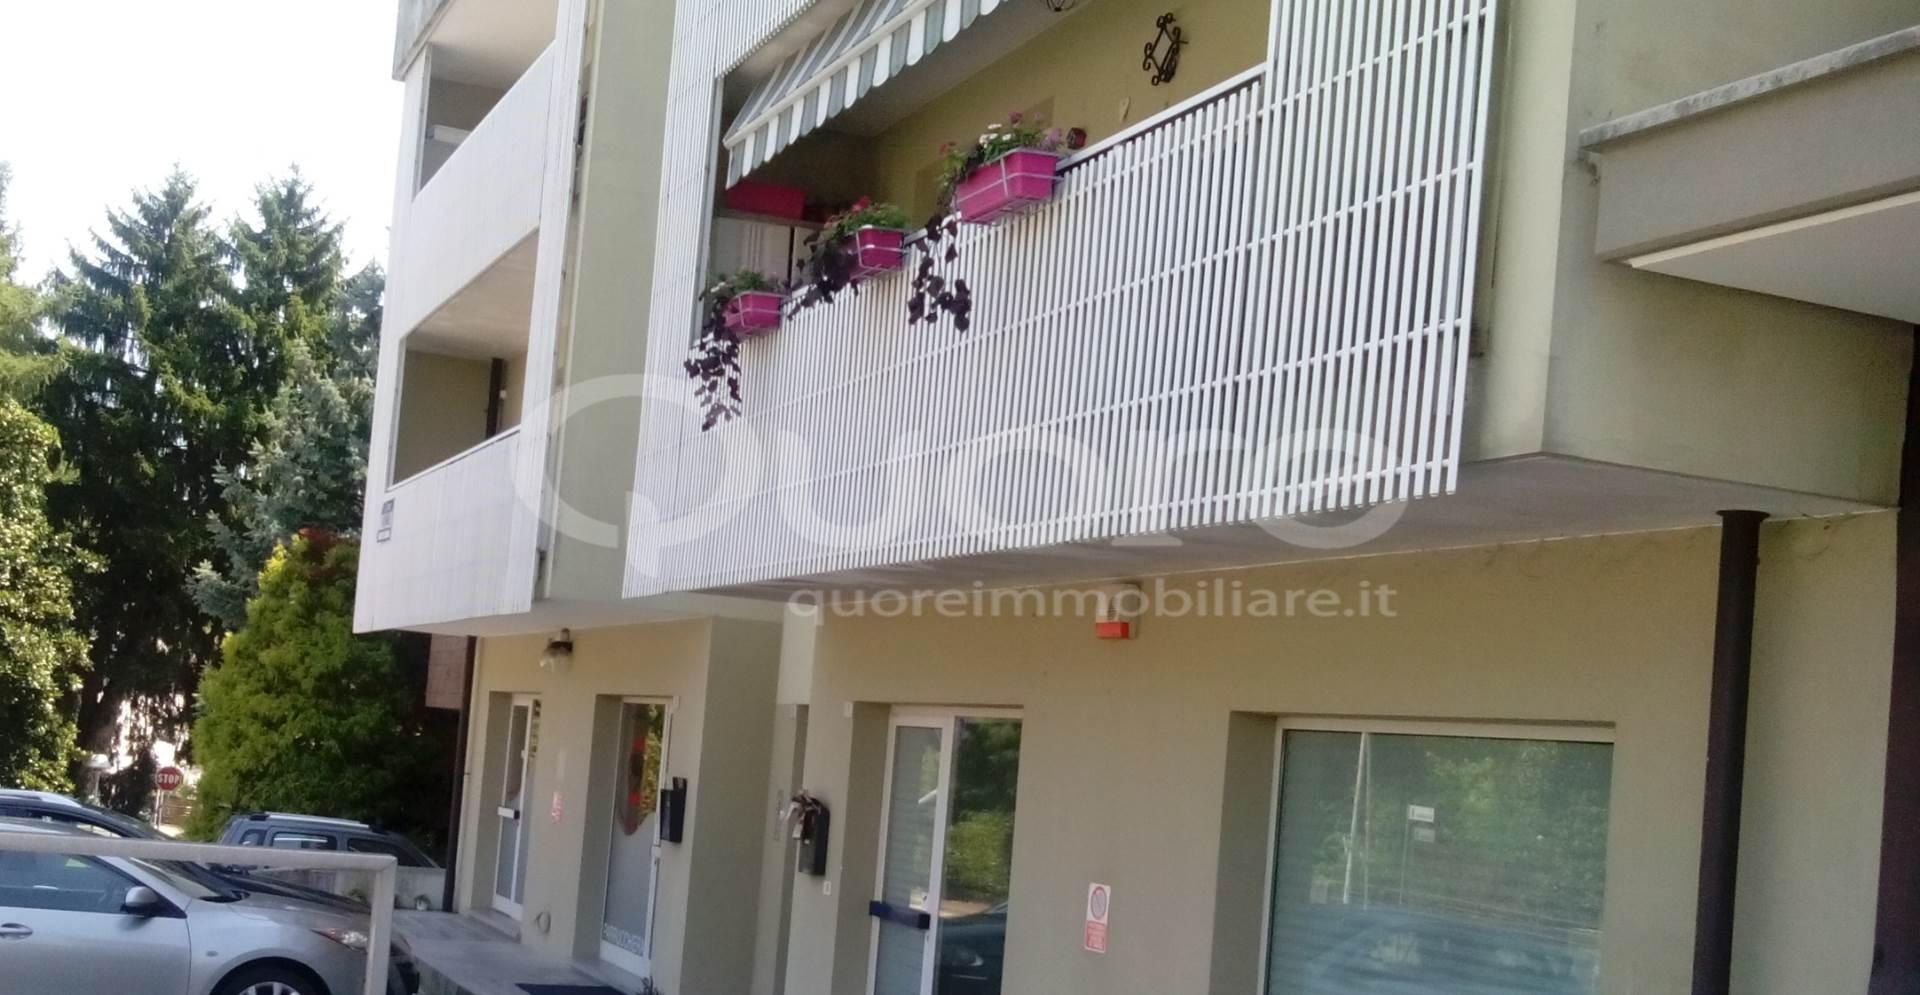 Appartamento in vendita a Tricesimo, 4 locali, prezzo € 98.000 | CambioCasa.it